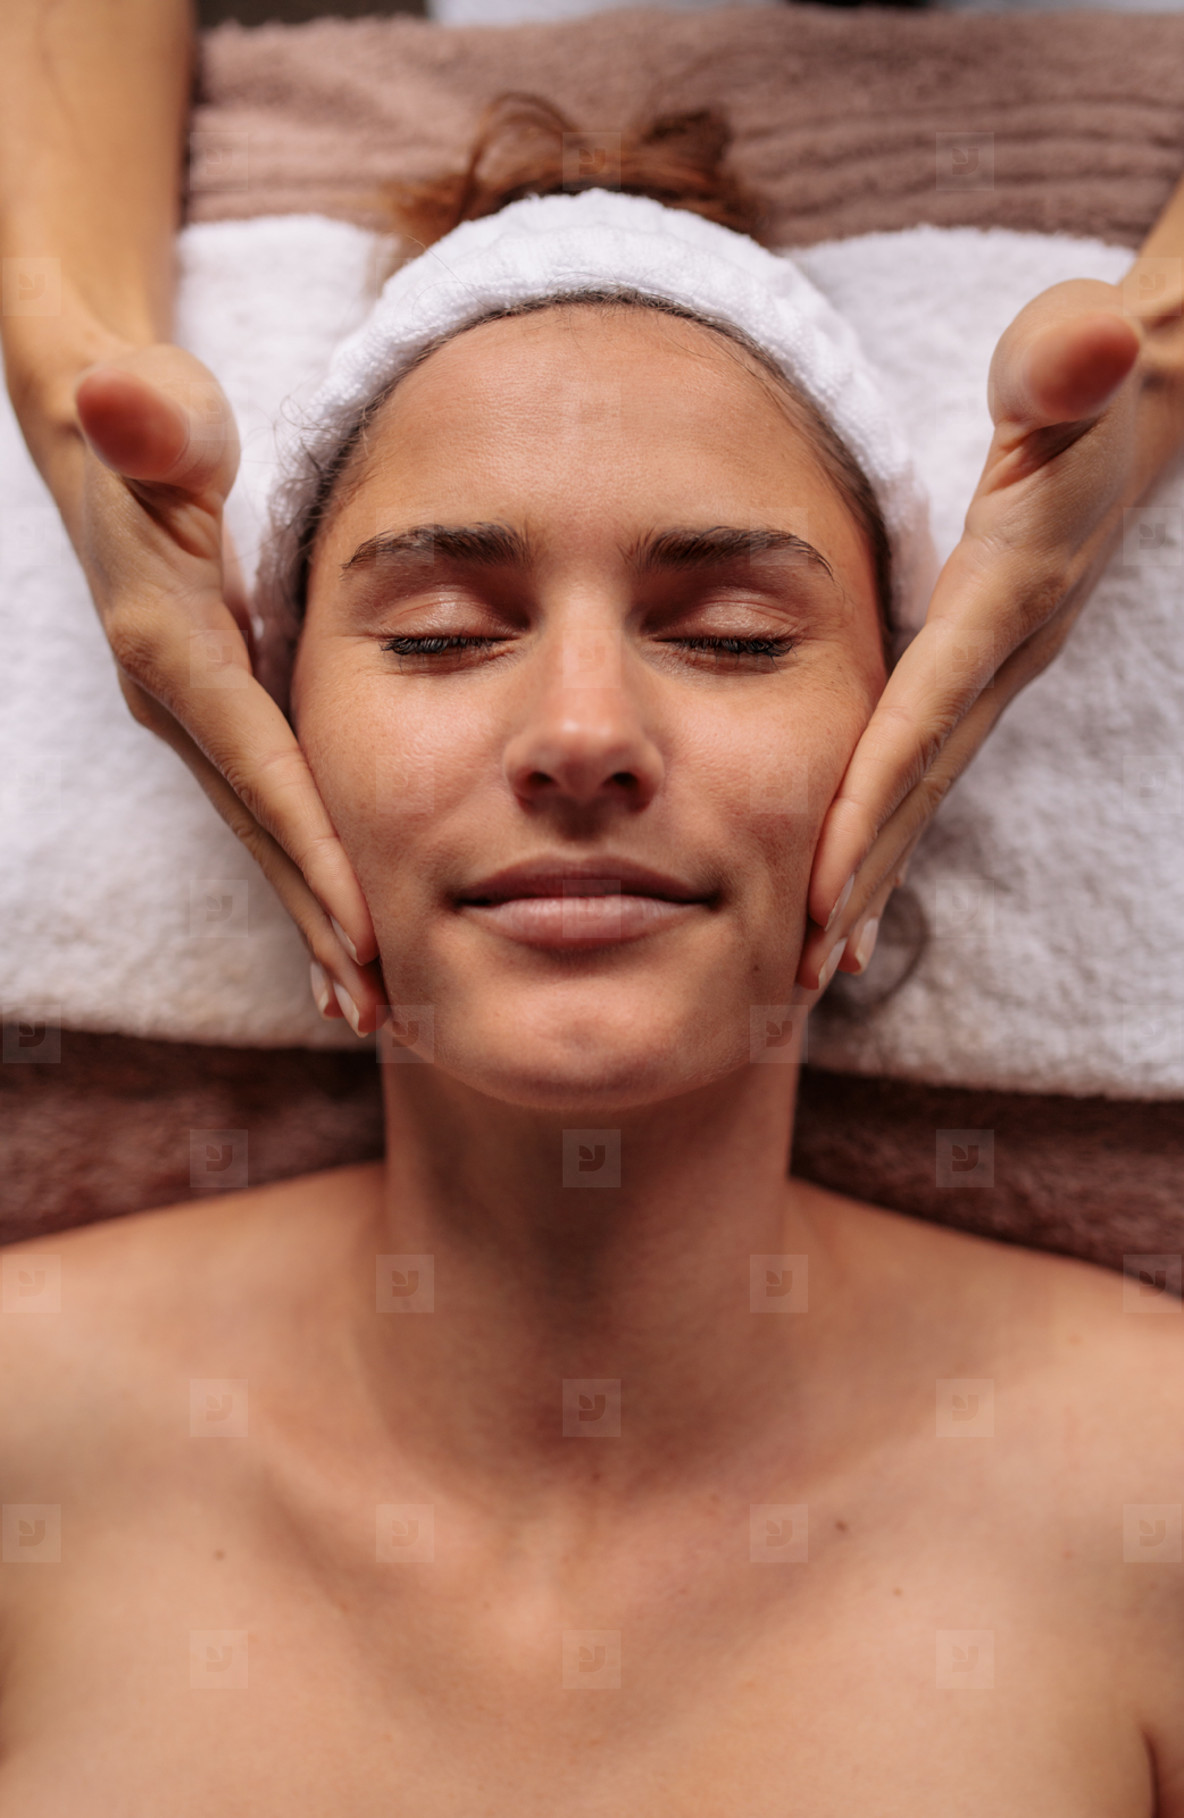 Beautiful  woman getting a face massage